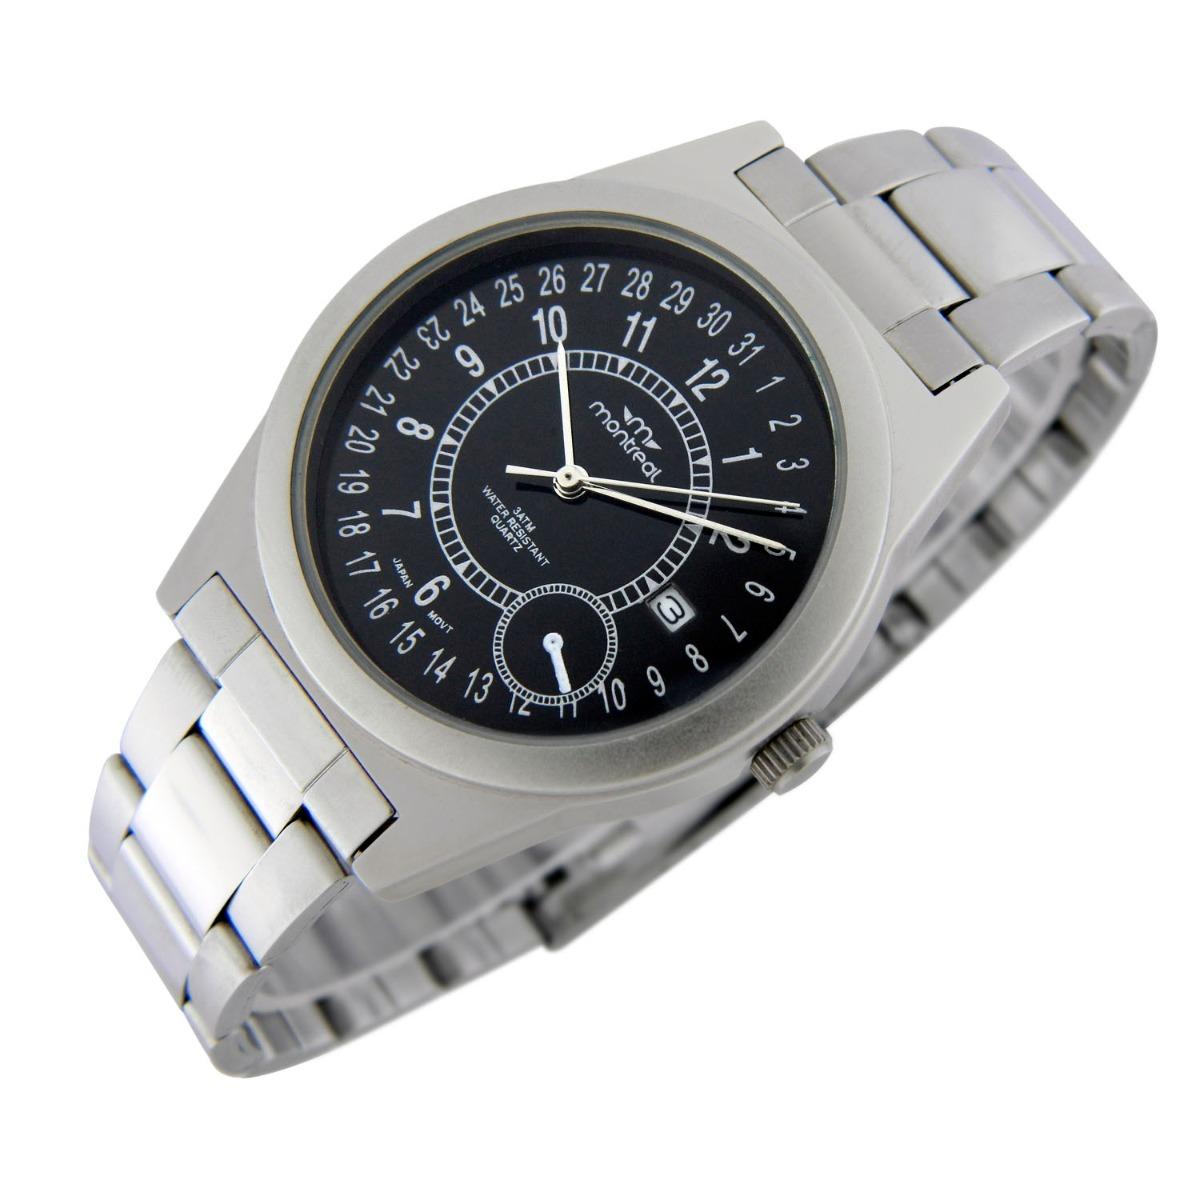 7e125cd4c524 reloj montreal hombre ml151 tienda oficial envío gratis. Cargando zoom.